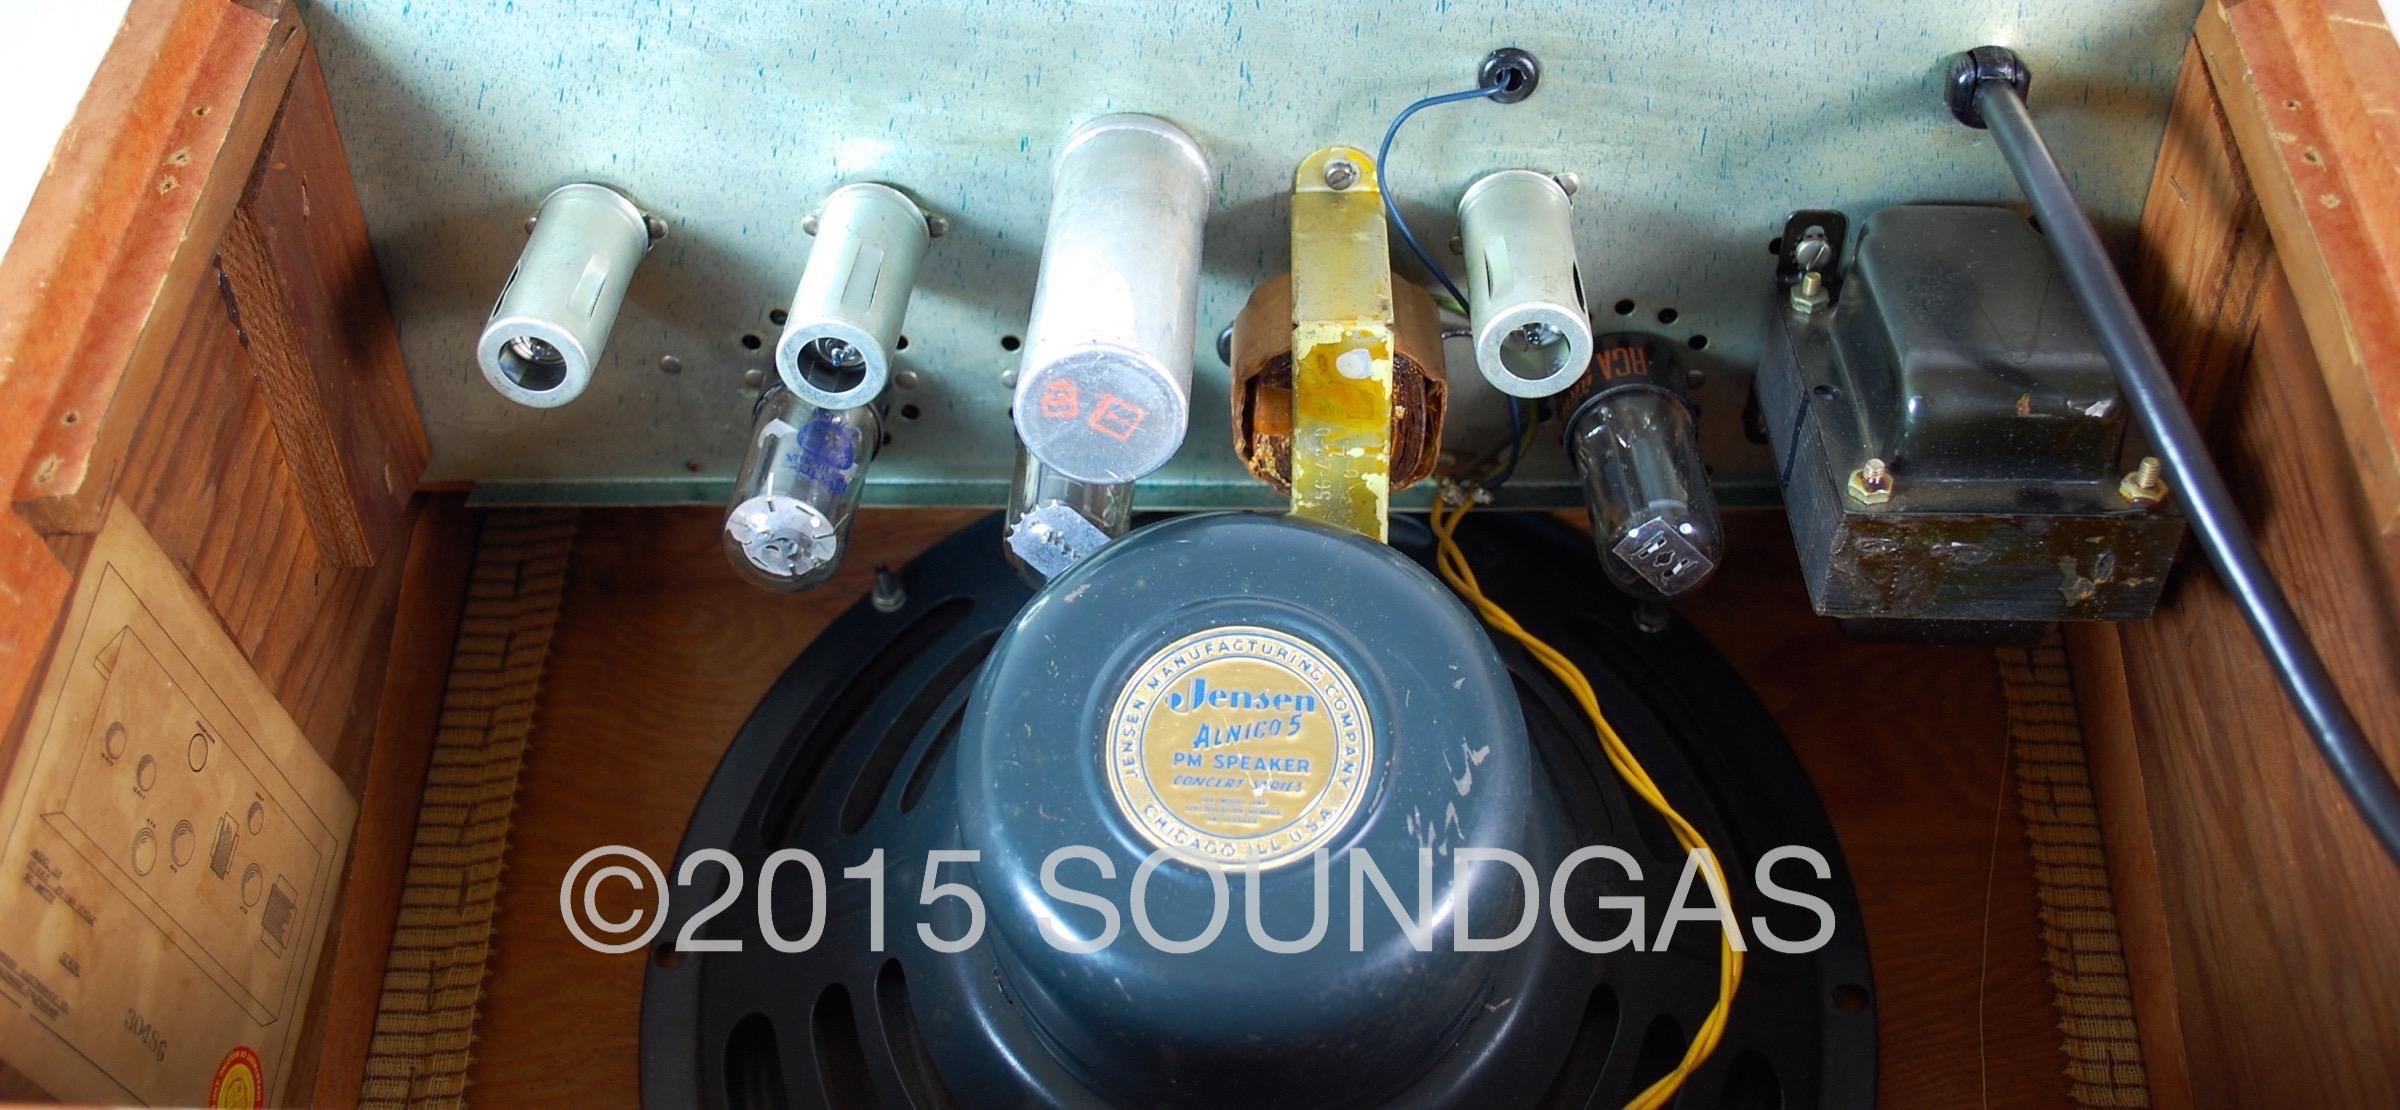 Vintage Magnatone Amplifier Schematic Automotive Wiring Diagram Troubadour Deluxe 1956 Amp For Sale Soundgas Ltd History